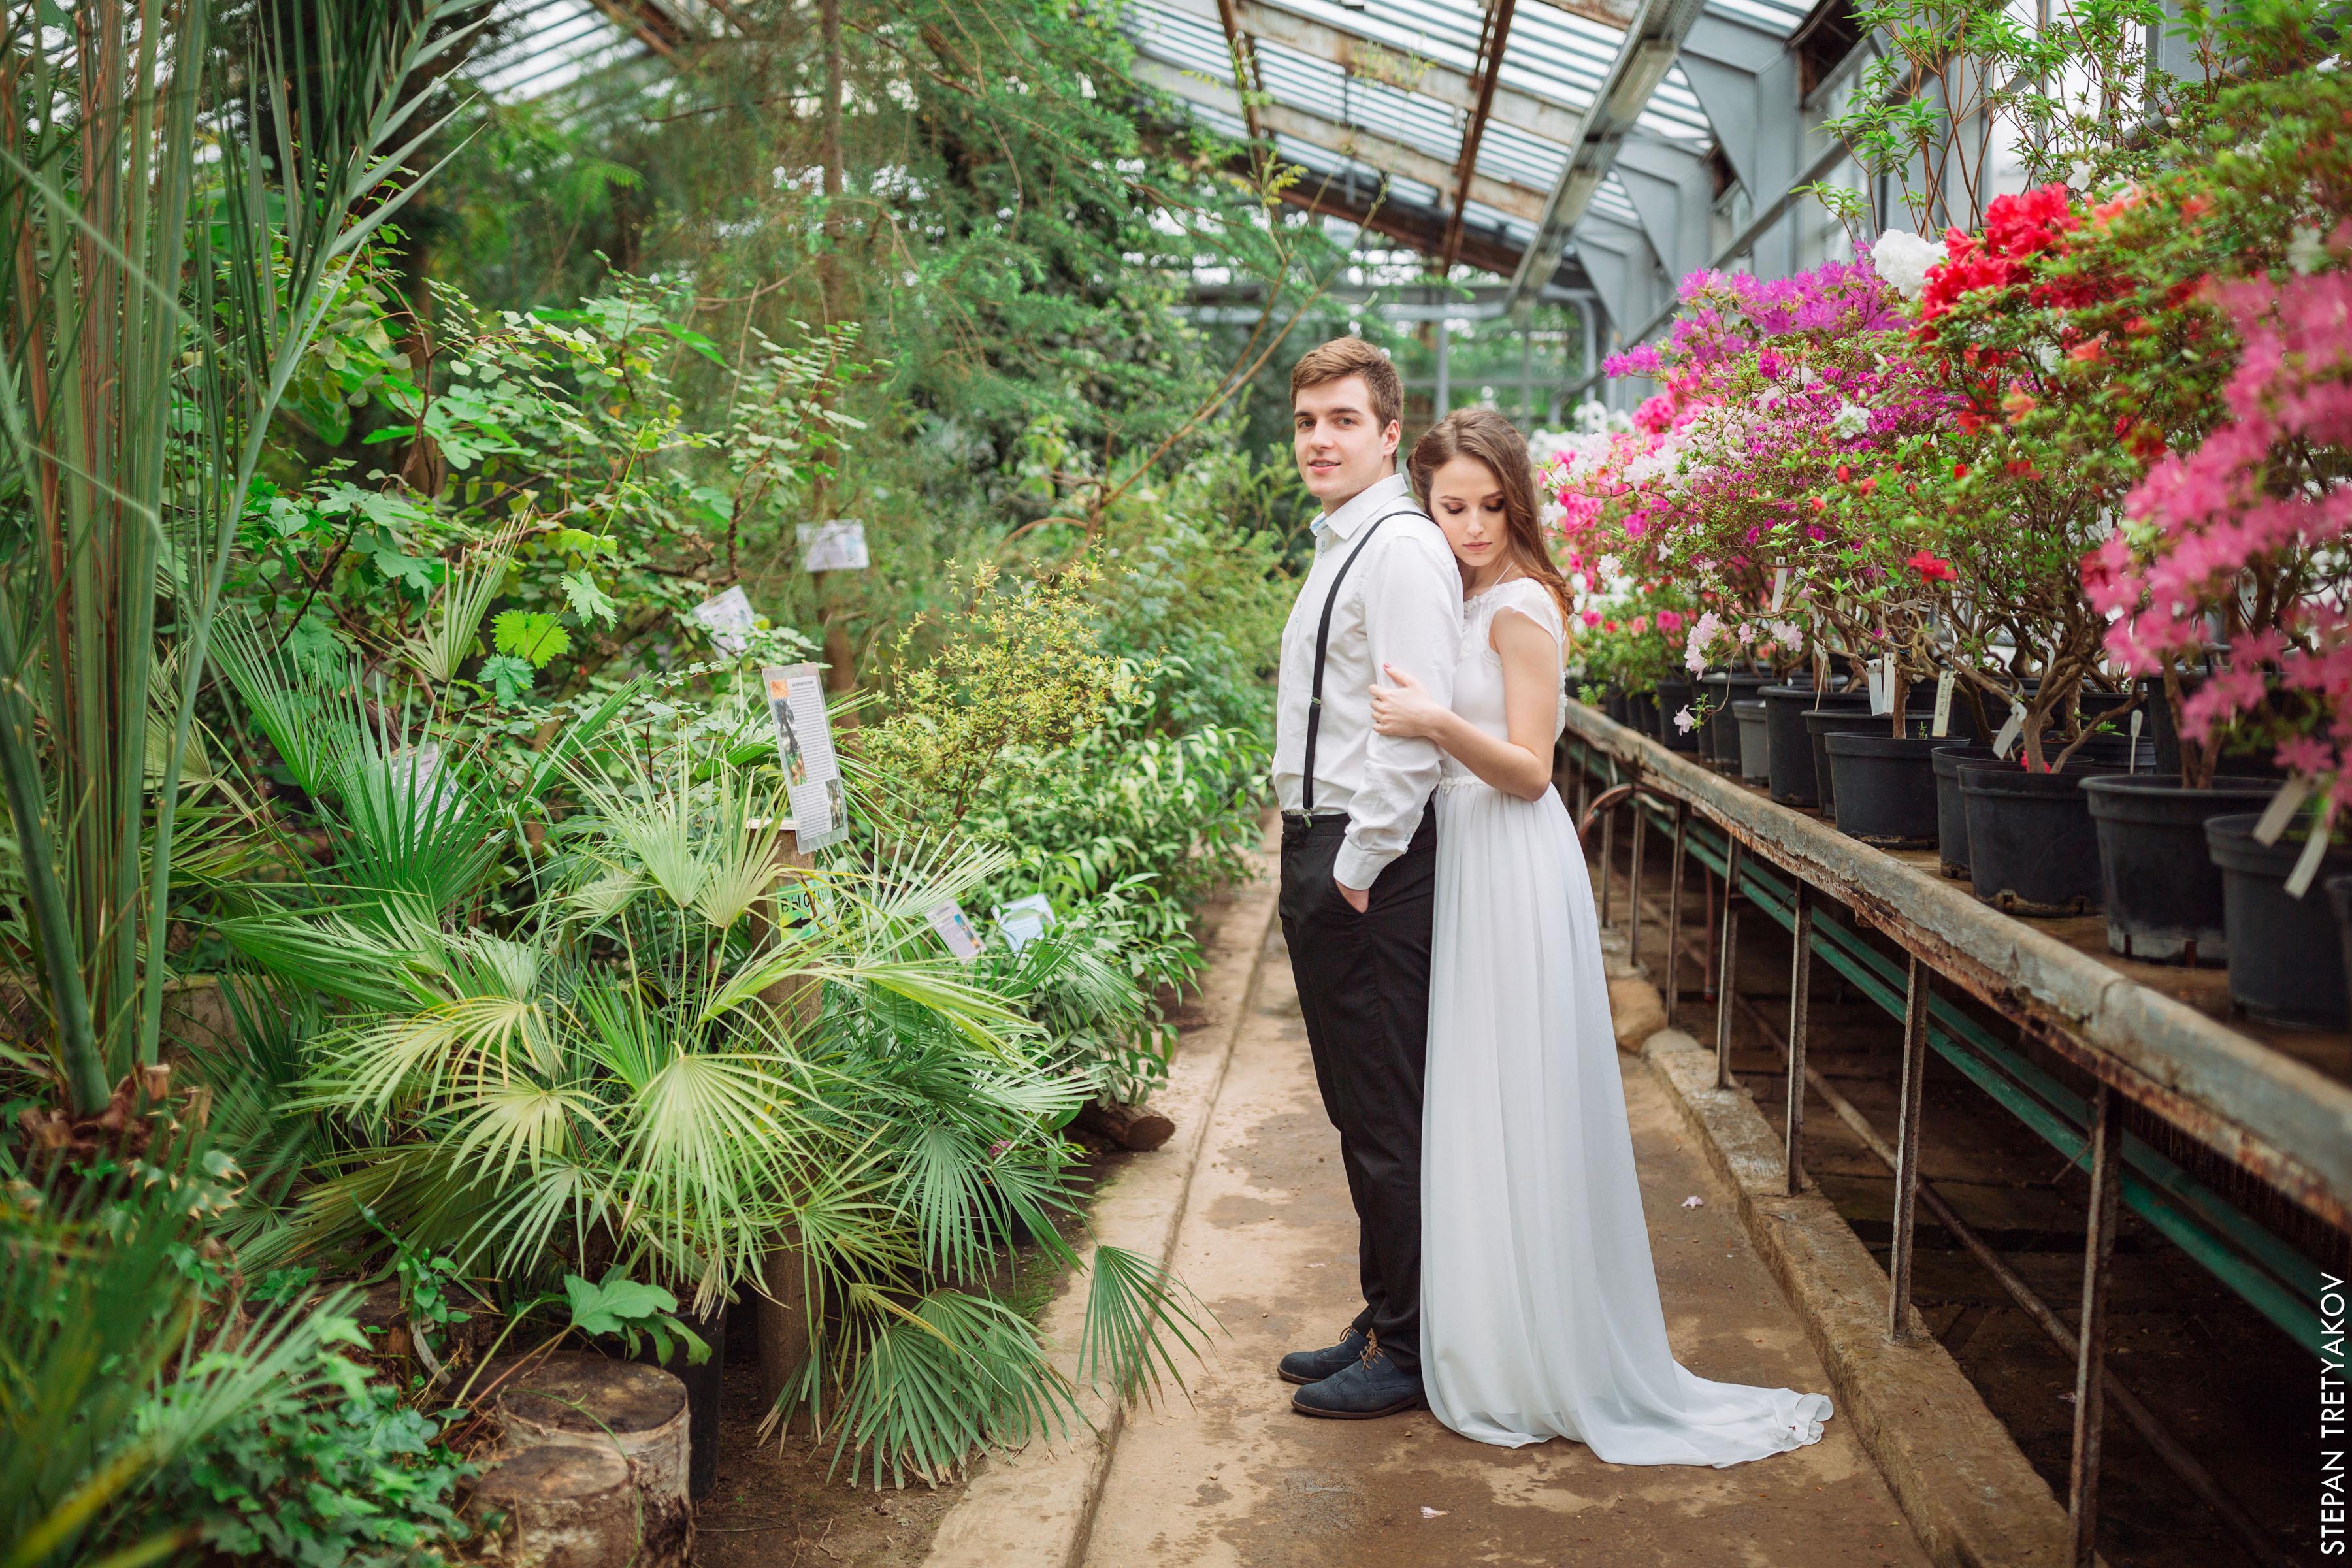 оно оранжерея ботанического сада спб свадебные фото никто никогда